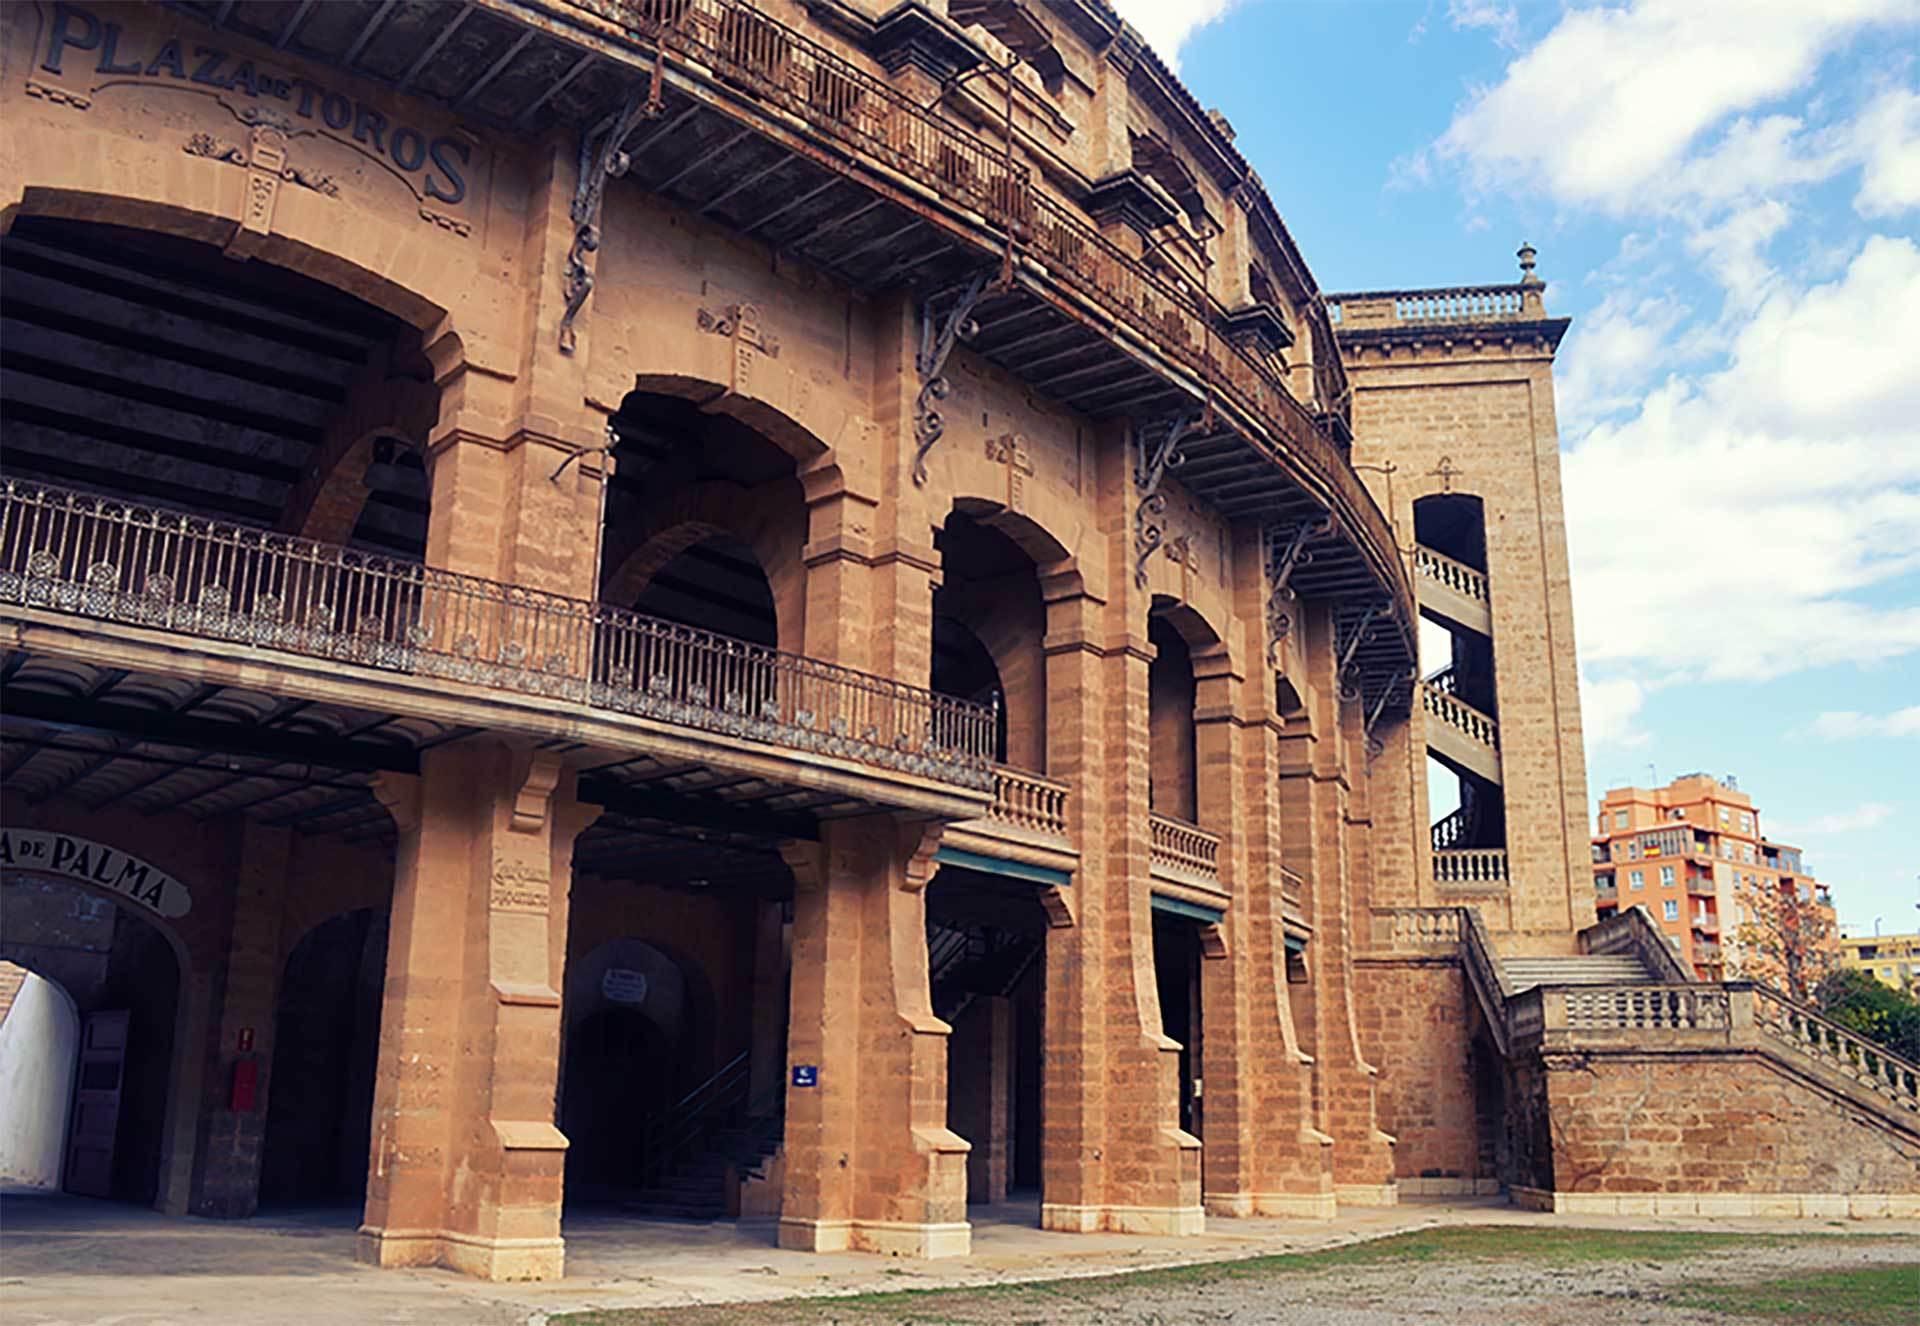 Plaza De Toros Palma Side View